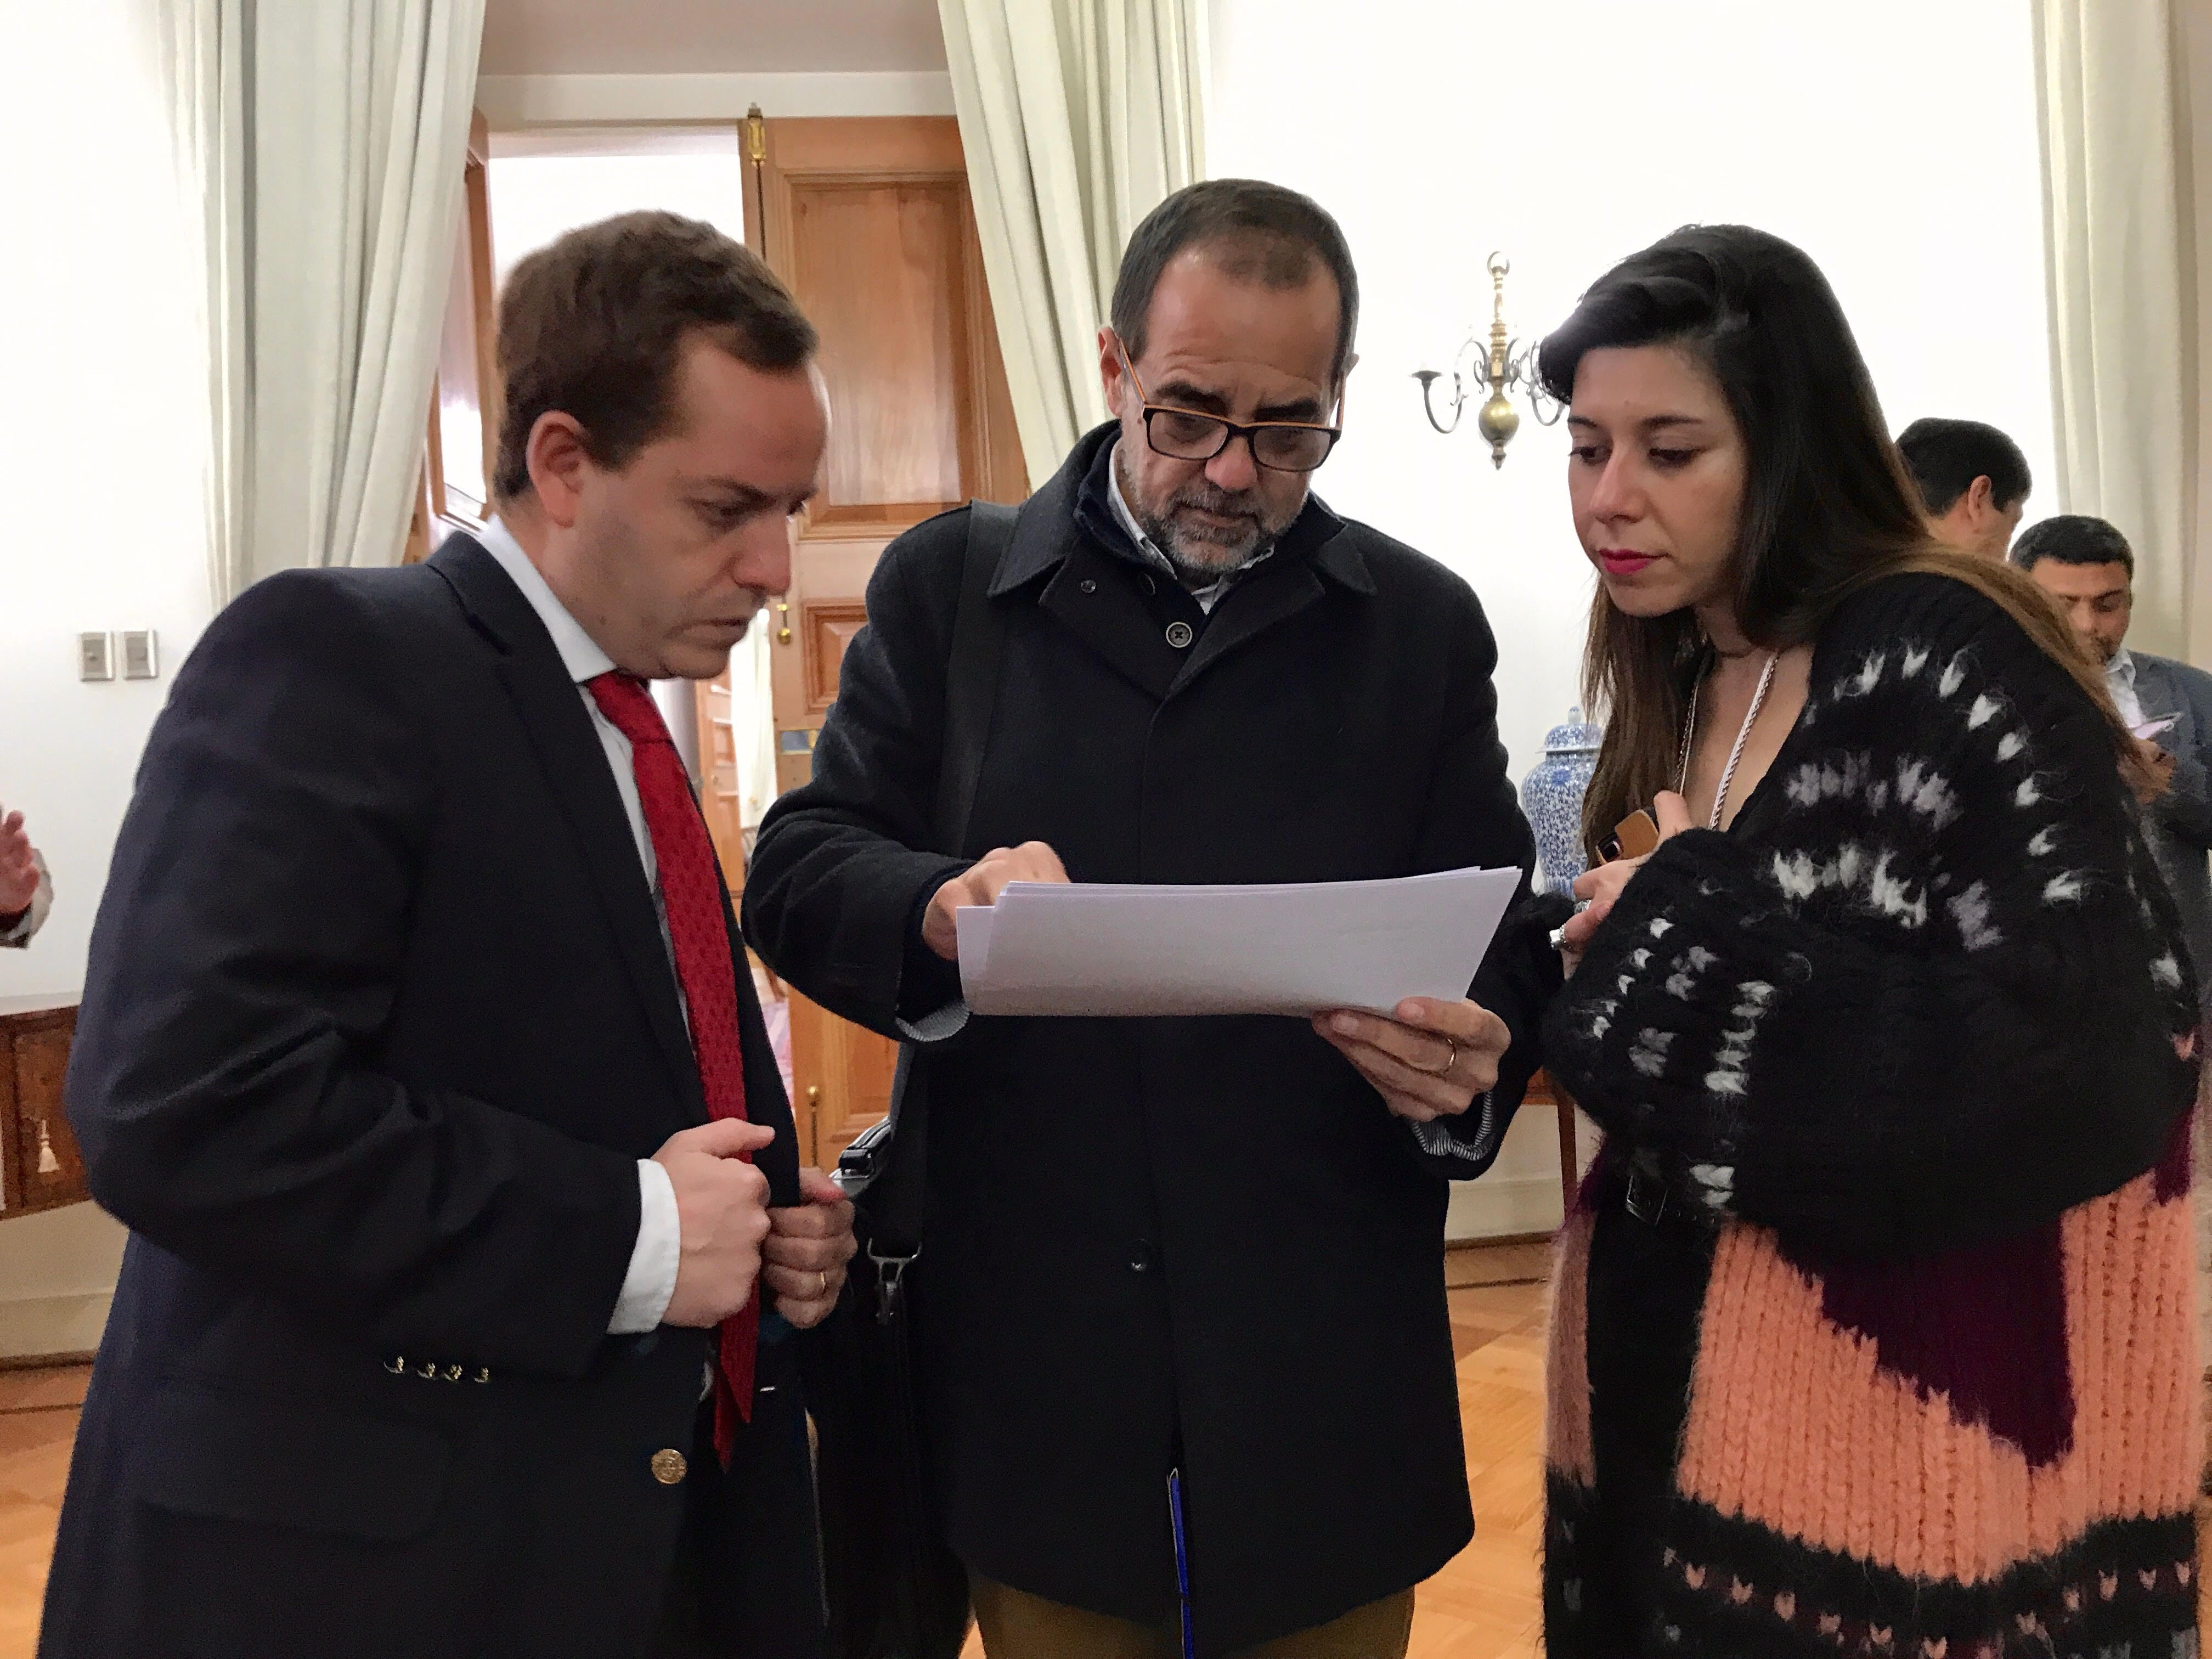 Diputado Mulet (FREVS) valoró la aprobación del proyecto de Resolución que solicita la creación del Centro Oncológico en Atacama